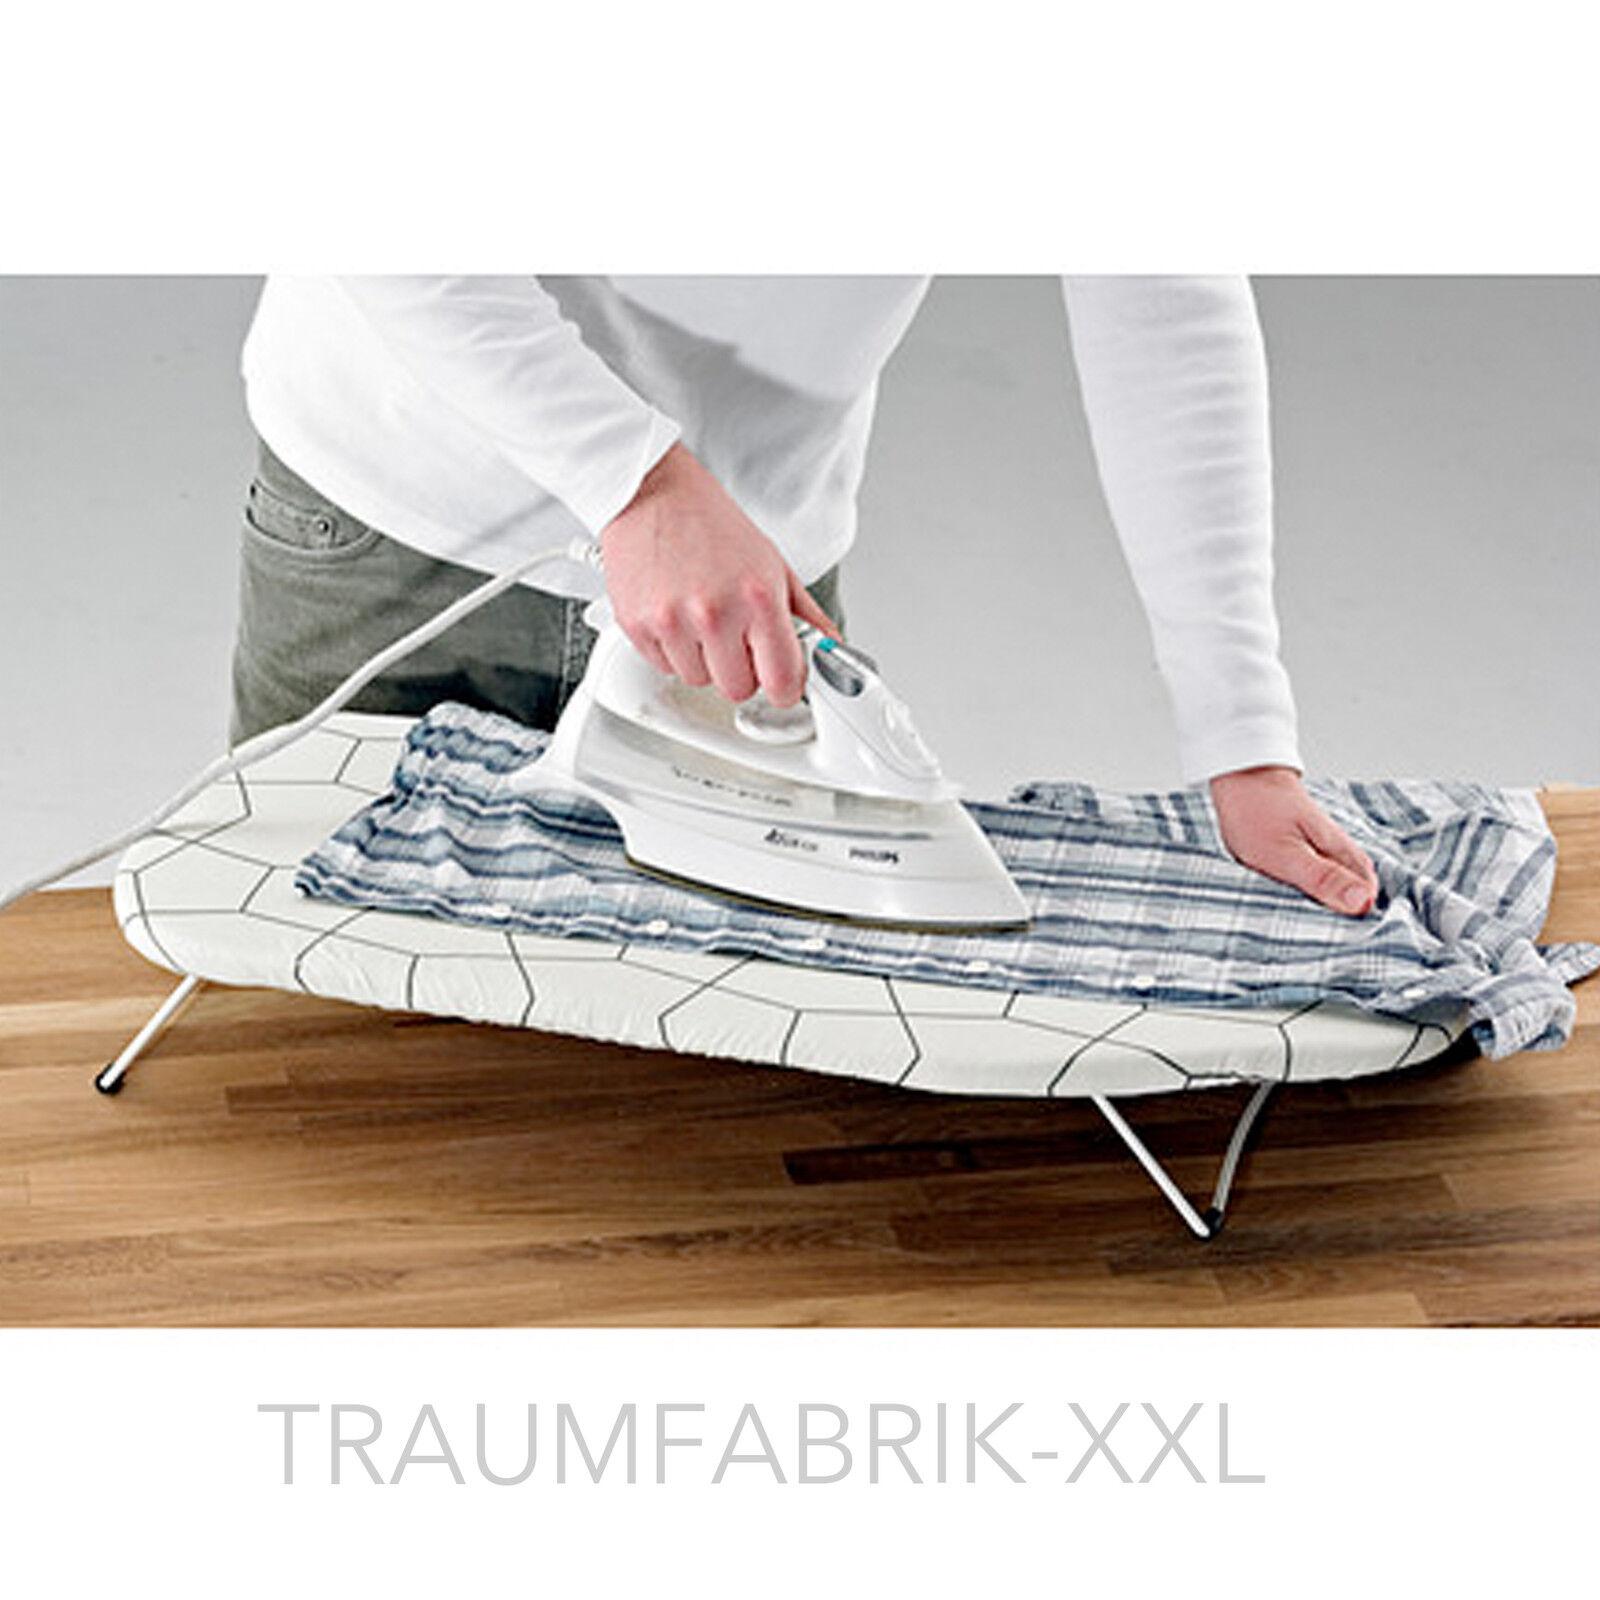 Bügelbrett Tischauflage.гладильная доска Ikea Jll Tischbgelbrett Bgelbrett Bgeltisch Tischauflage Bgelstation Mini